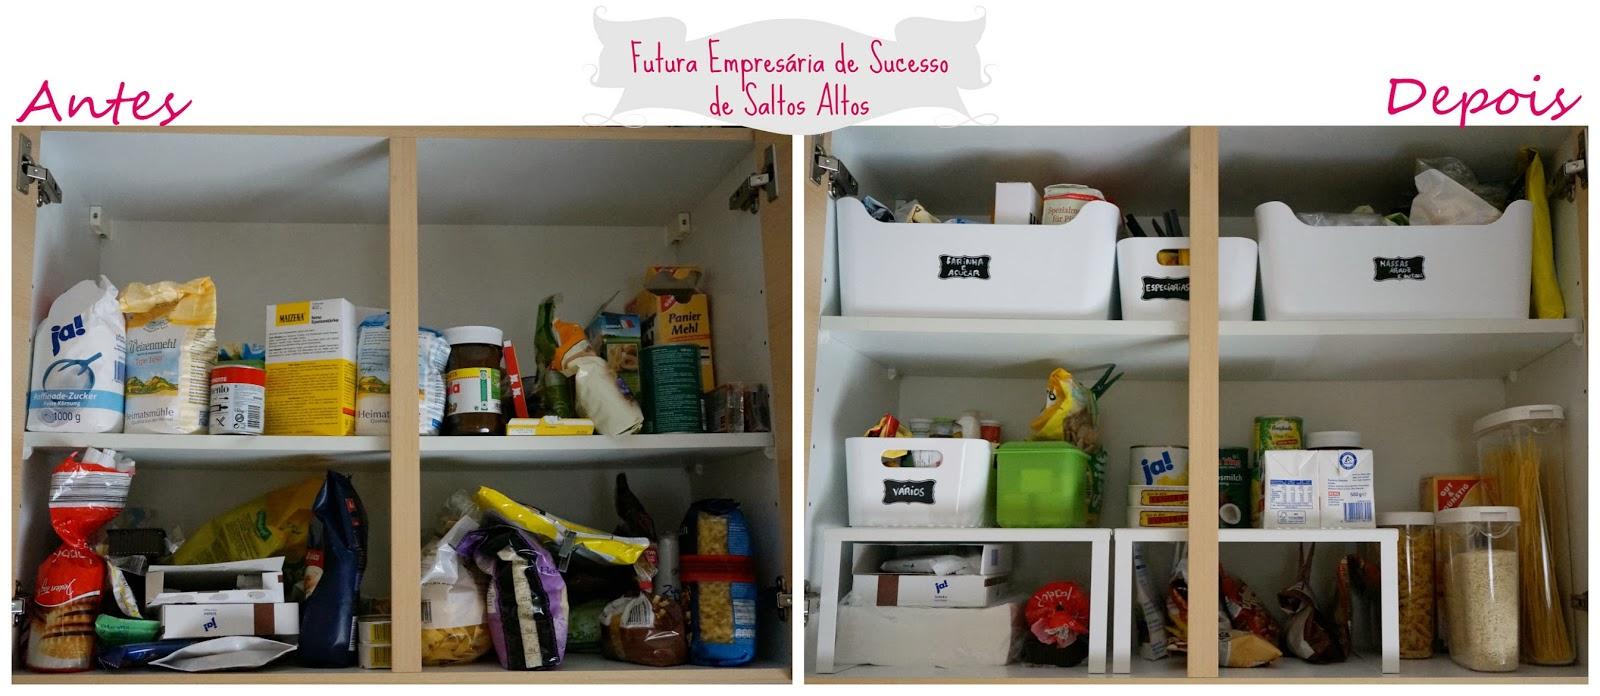 Diy como arrumar uma despensa ikea andreia pereira blog - Organizar armario ikea ...